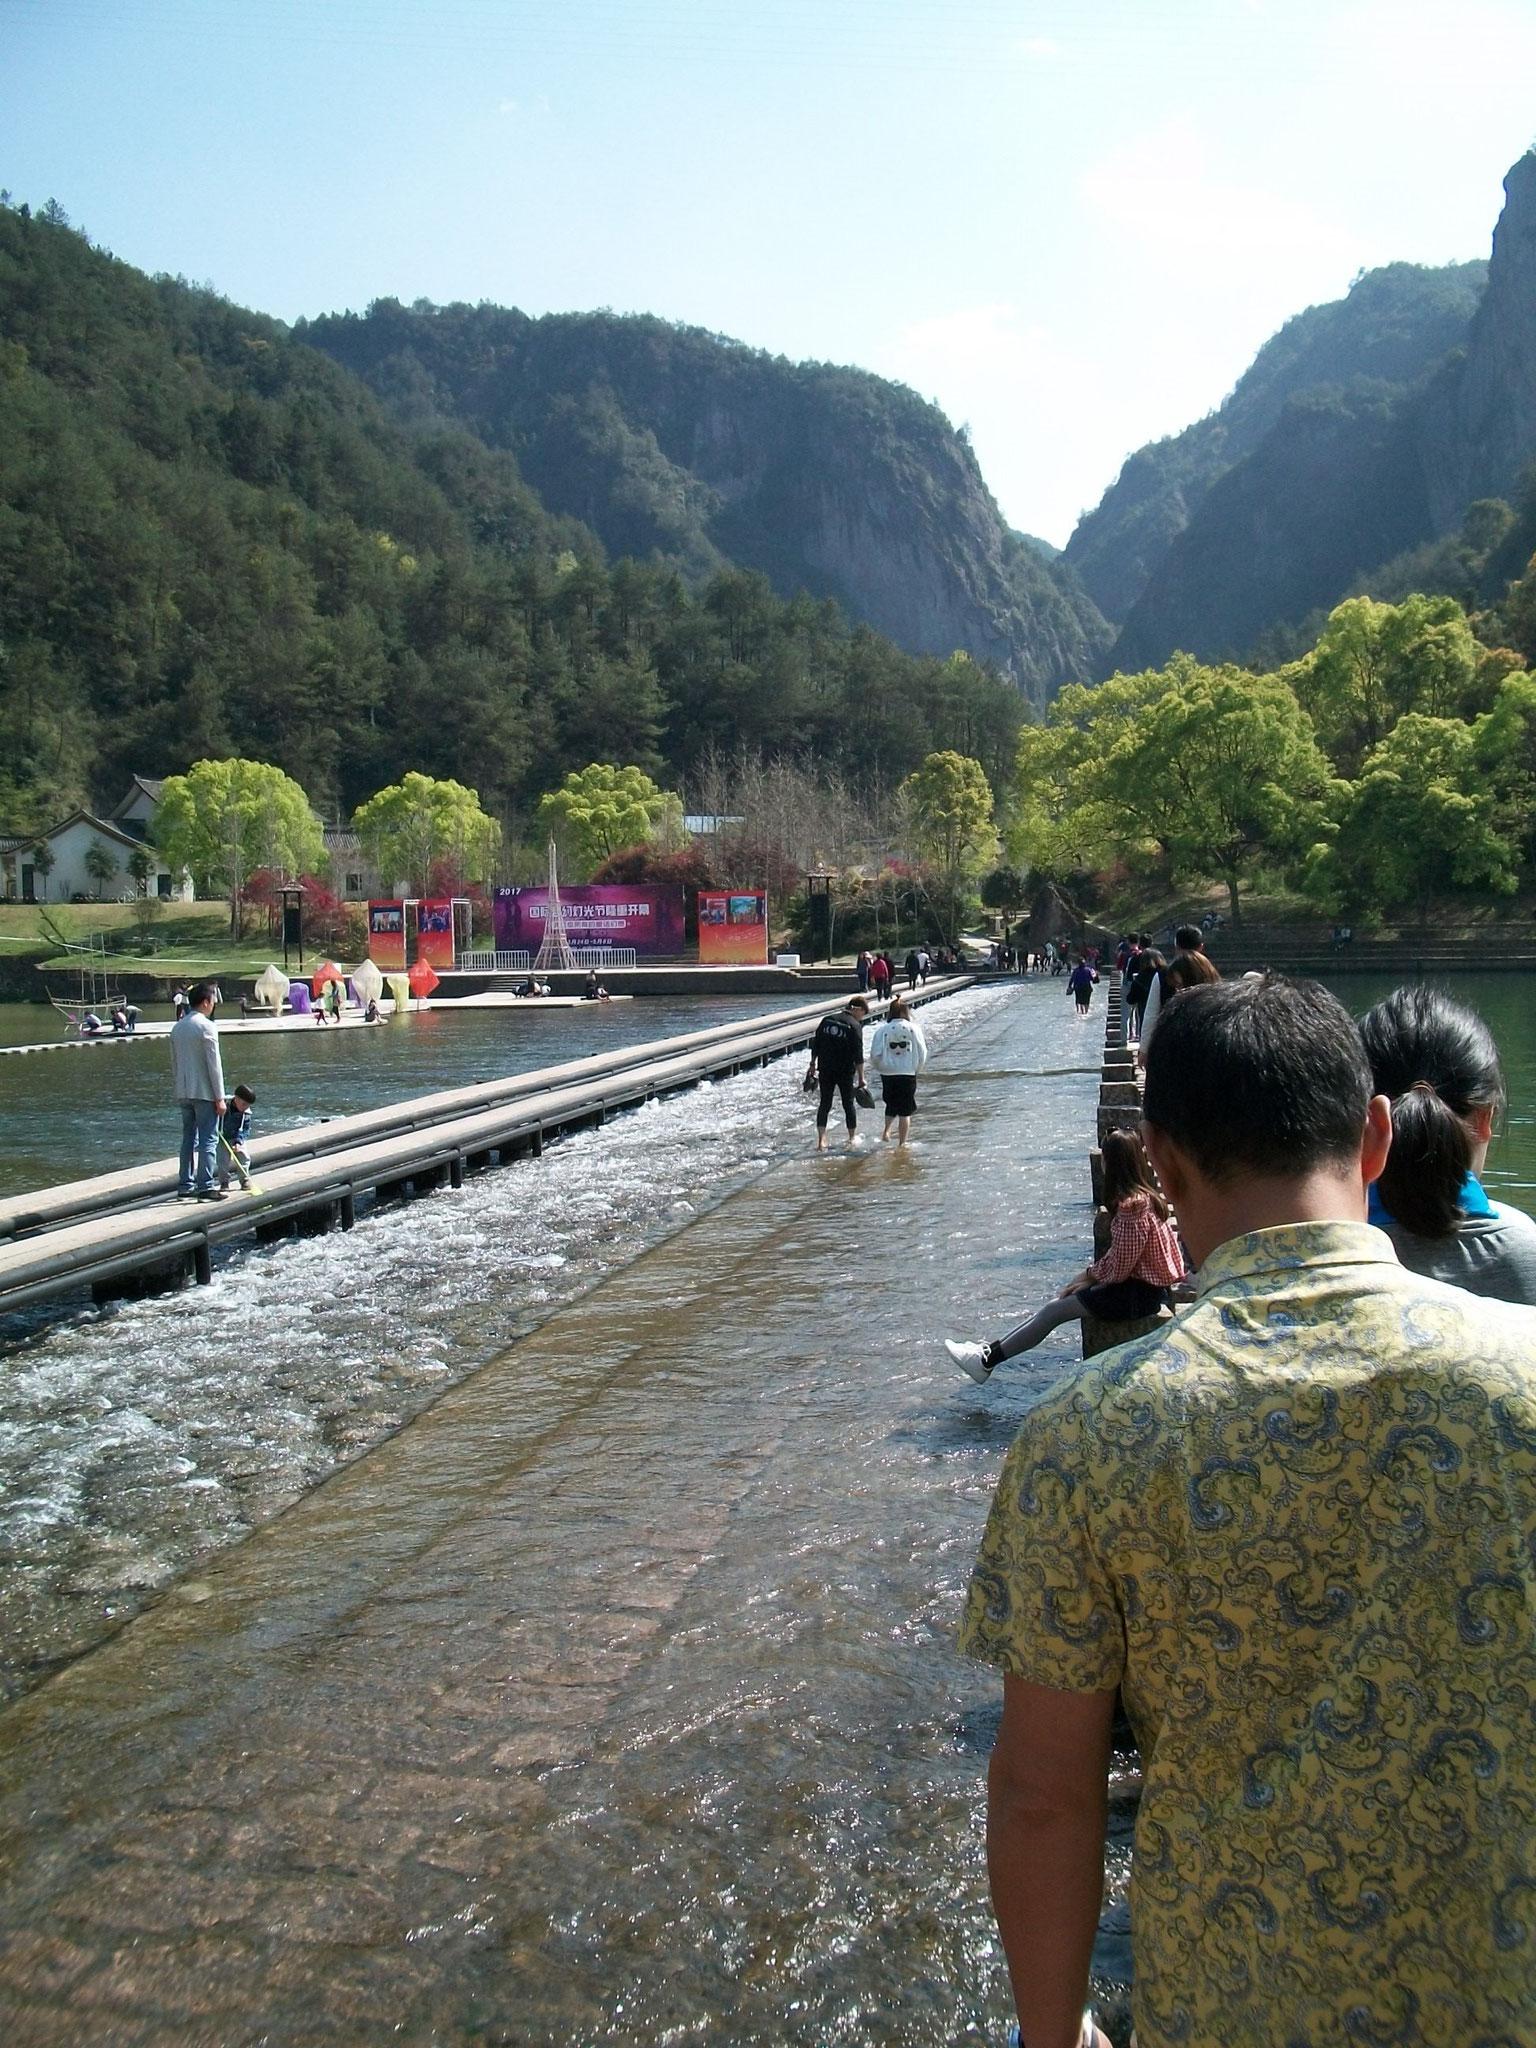 Erster Scenic Spot